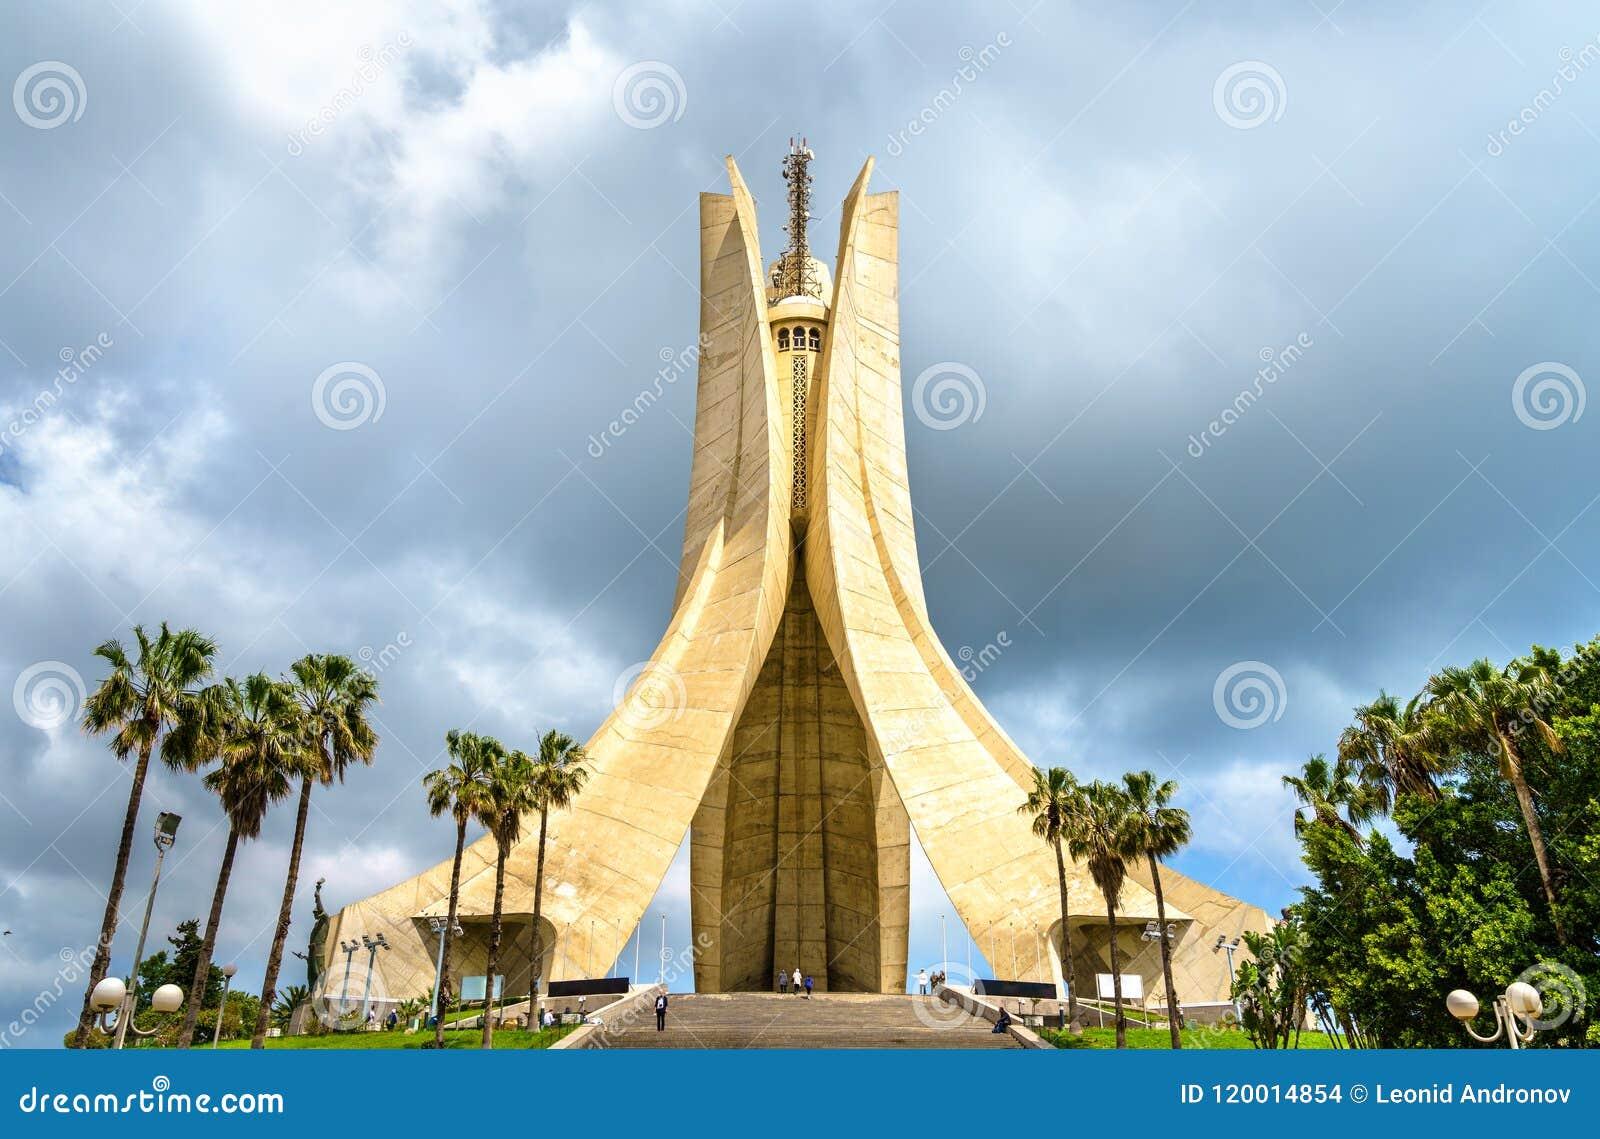 Märtyrer Erinnerungs für die Helden getötet während des algerischen Unabhängigkeitskriegs algiers